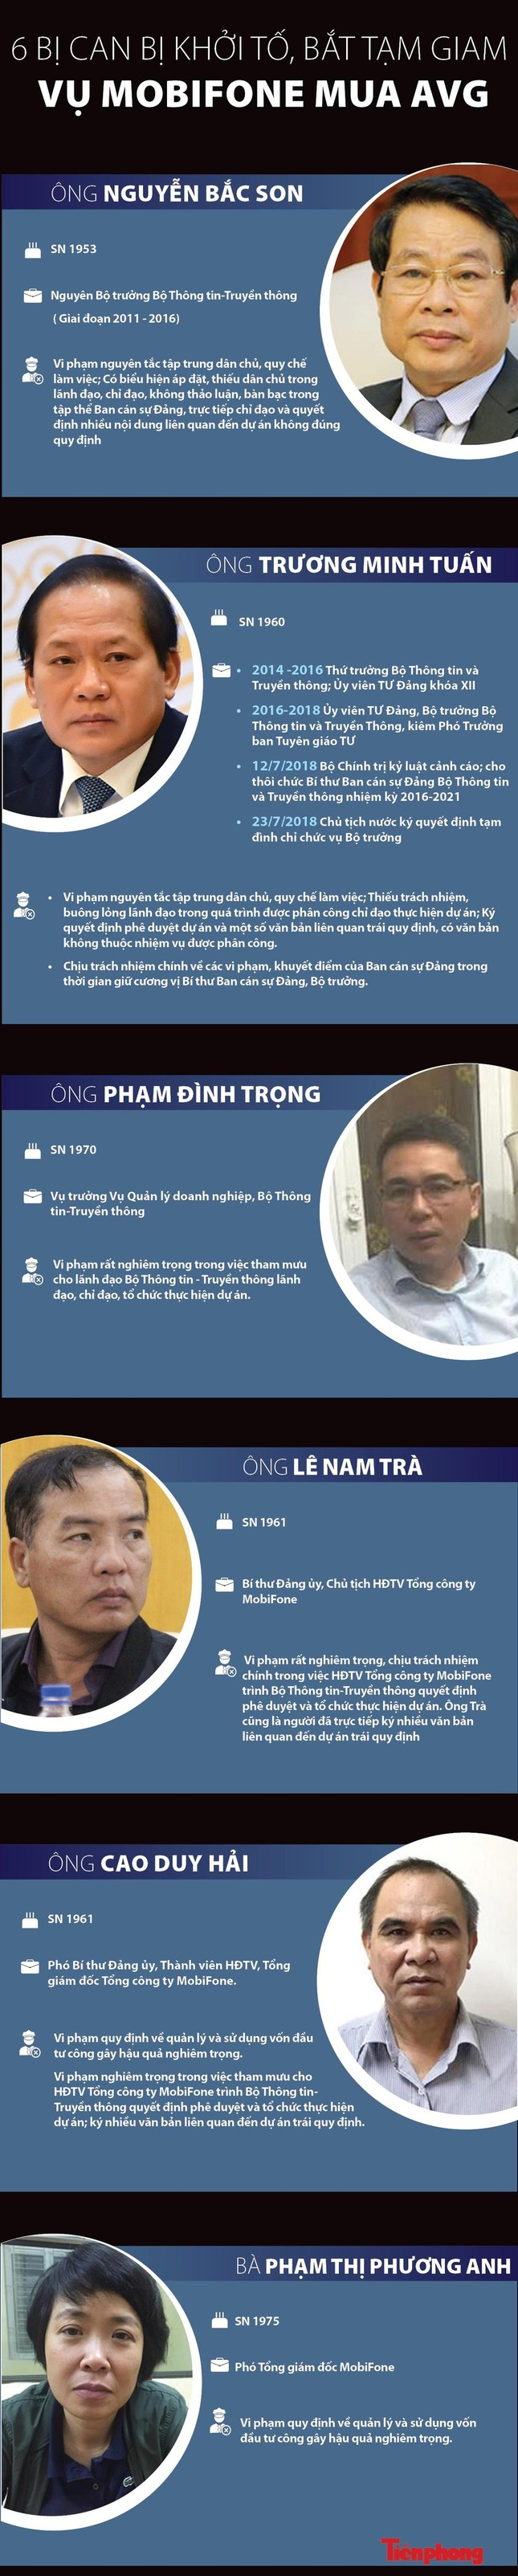 Truy tố hai cựu Bộ trưởng Trương Minh Tuấn, Nguyễn Bắc Son ảnh 2